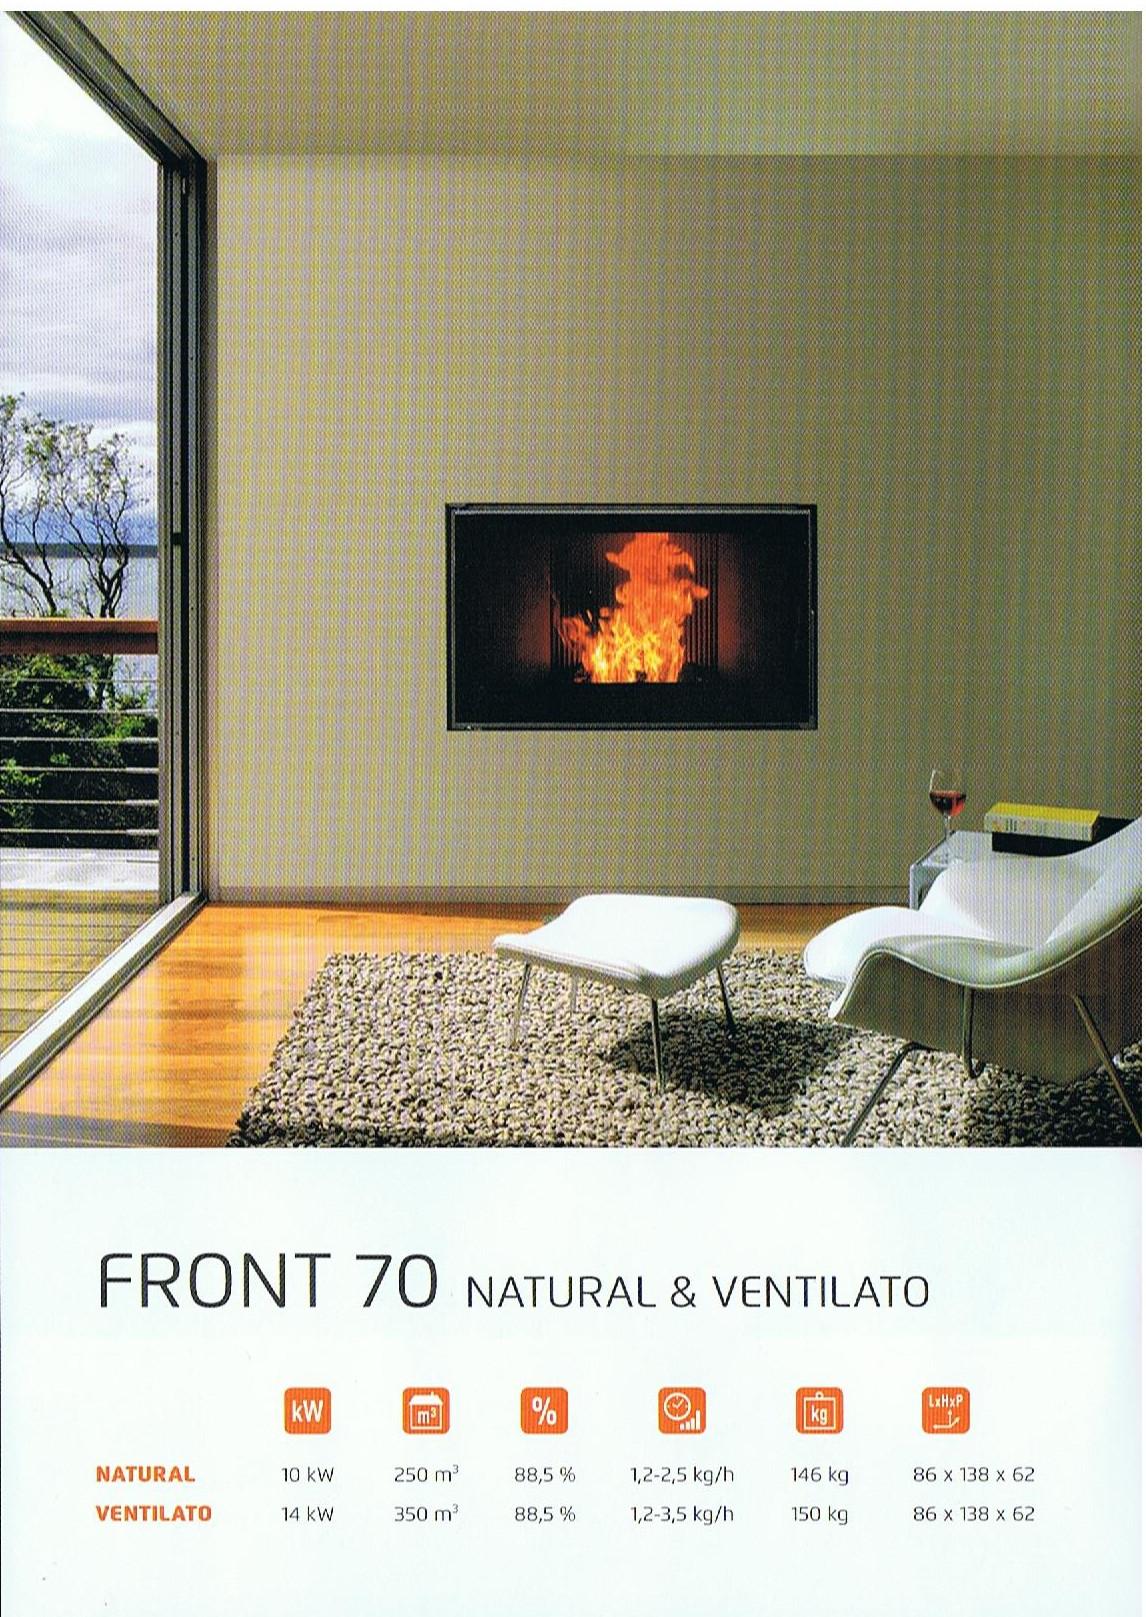 Caminetti Montegrappa - Front 70